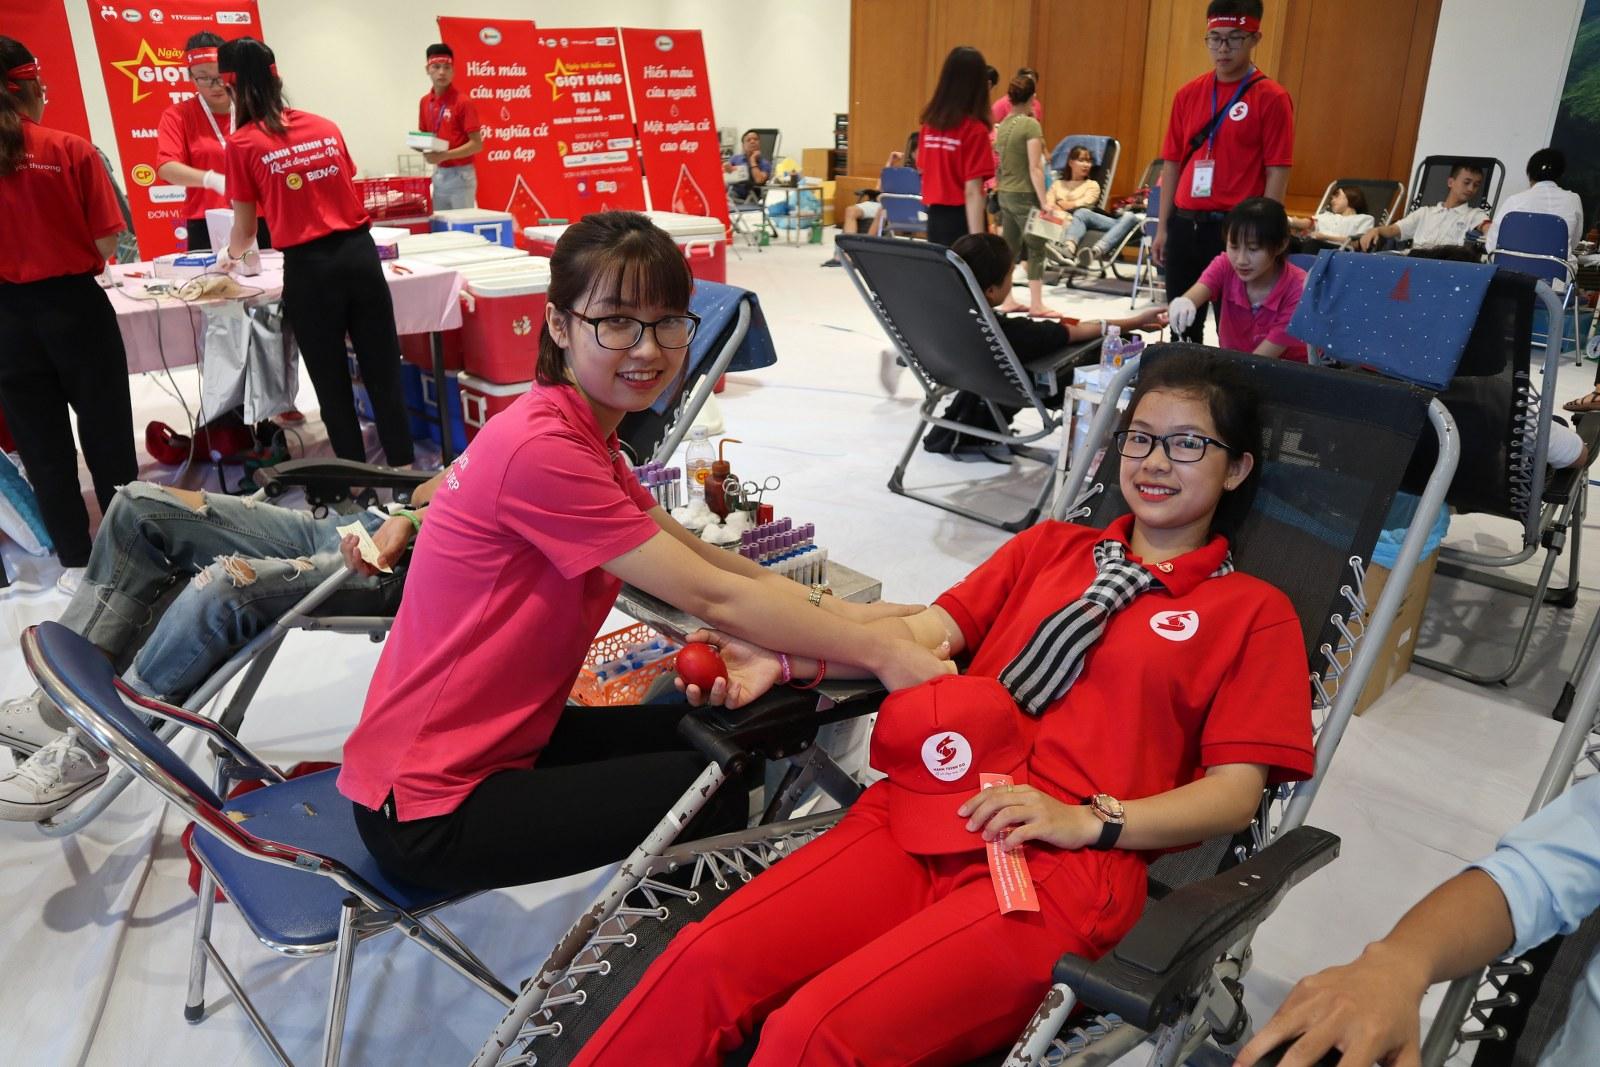 """Đây là lần thứ 6 Điệp đi hiến máu. Hiện cô đang học năm thứ 2 trường Cao đẳng Y tế Đắk Lắk. """"Em cảm thấy rất hạnh phúc khi góp một phần nhỏ bé của mình giúp ích cho cộng đồng, dù chỉ là một giọt máu cho đi là mang đến điều quý giá với bệnh nhân. Sau này em sẽ hiến máu nhiều lần nữa, cứ đủ thời gian và sức khỏe hiến máu là em đi hiến"""", cô chia sẻ."""